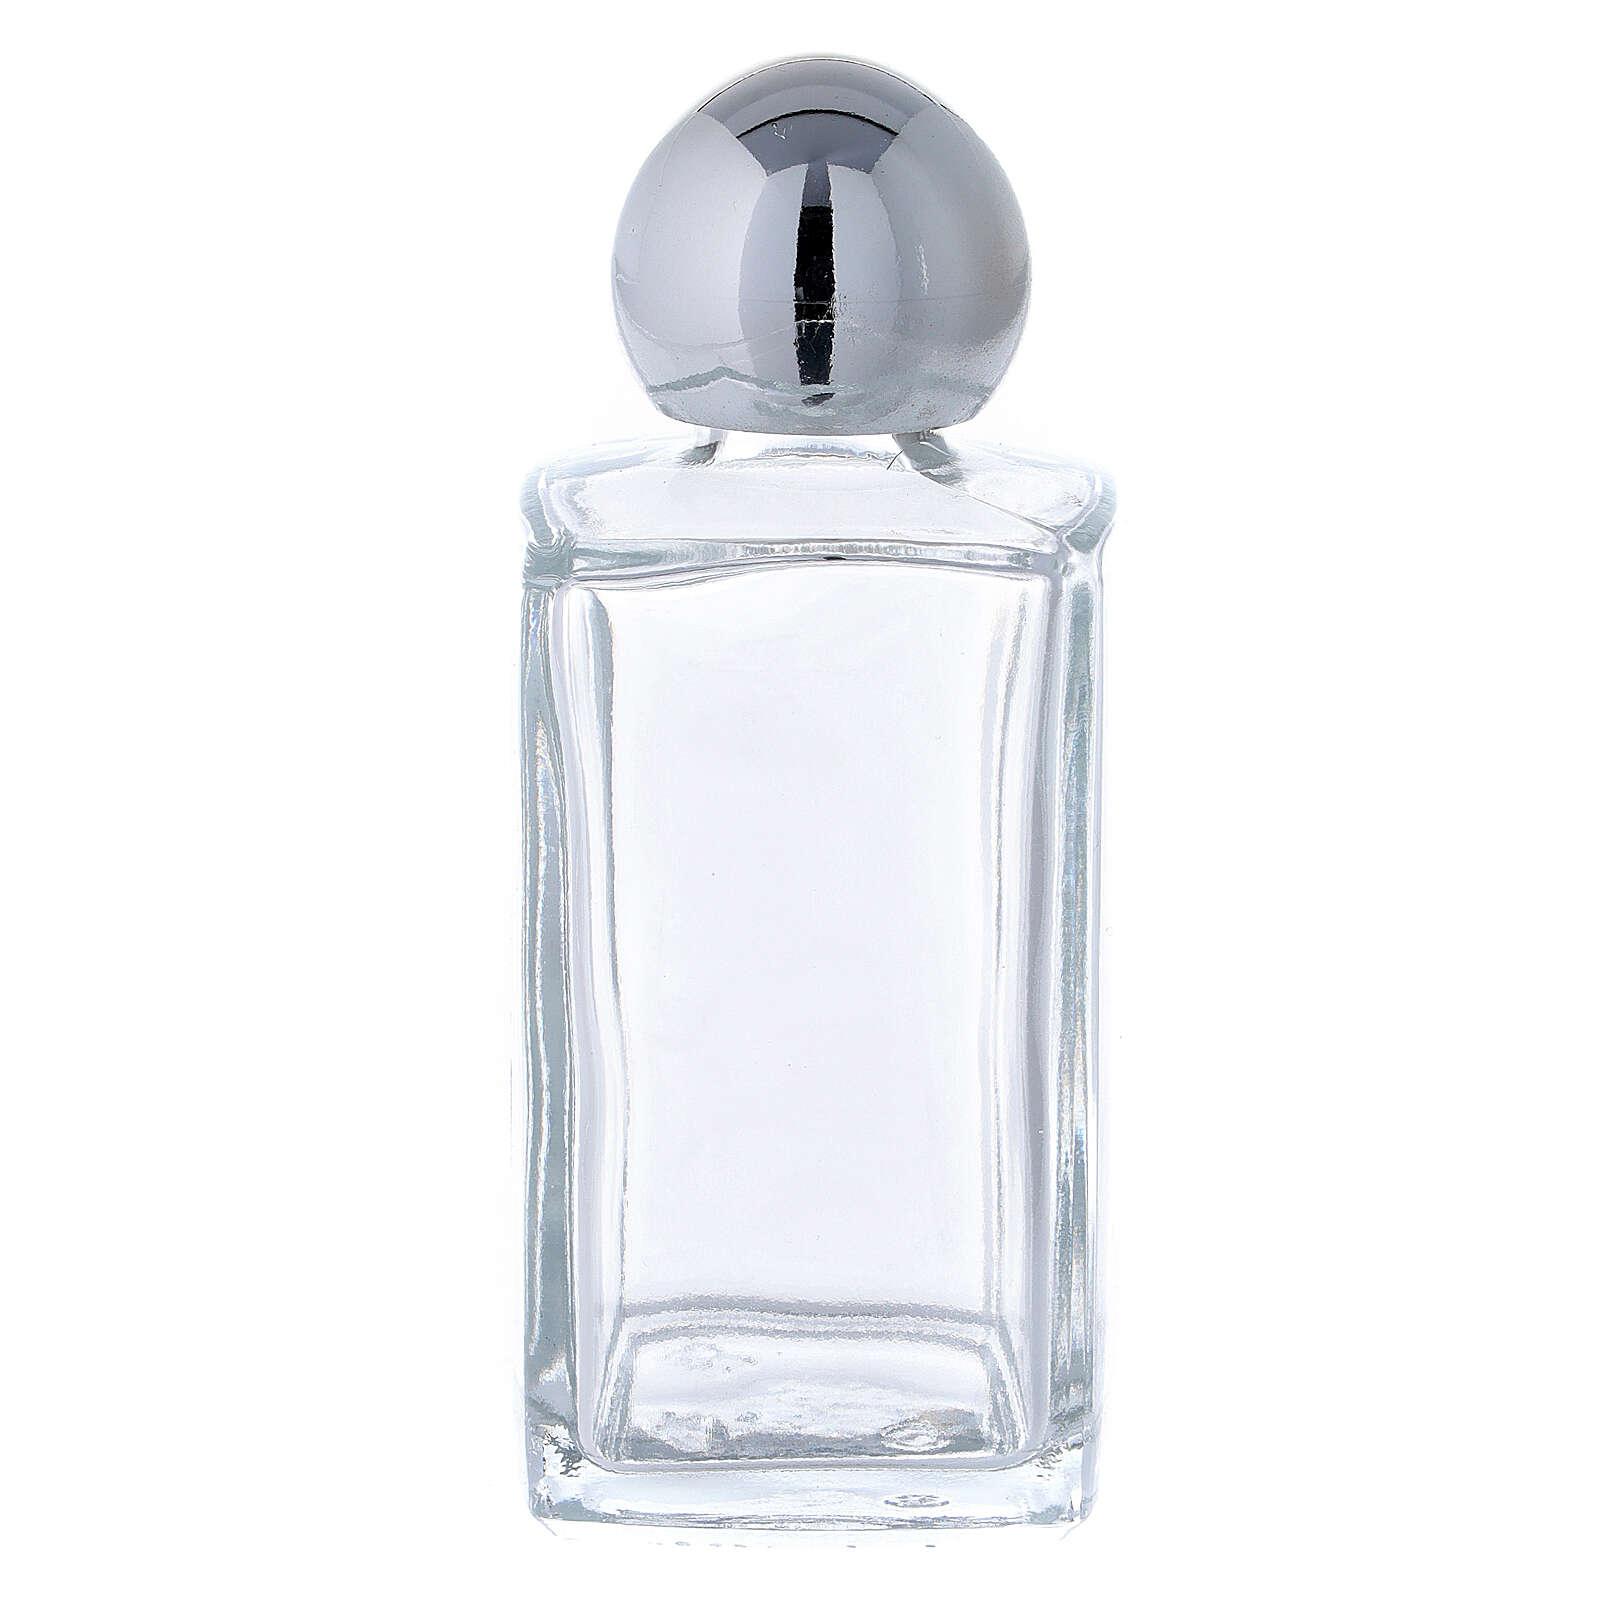 Bottiglietta vetro acquasanta 50 ml (CONF. 50 PZ) 3